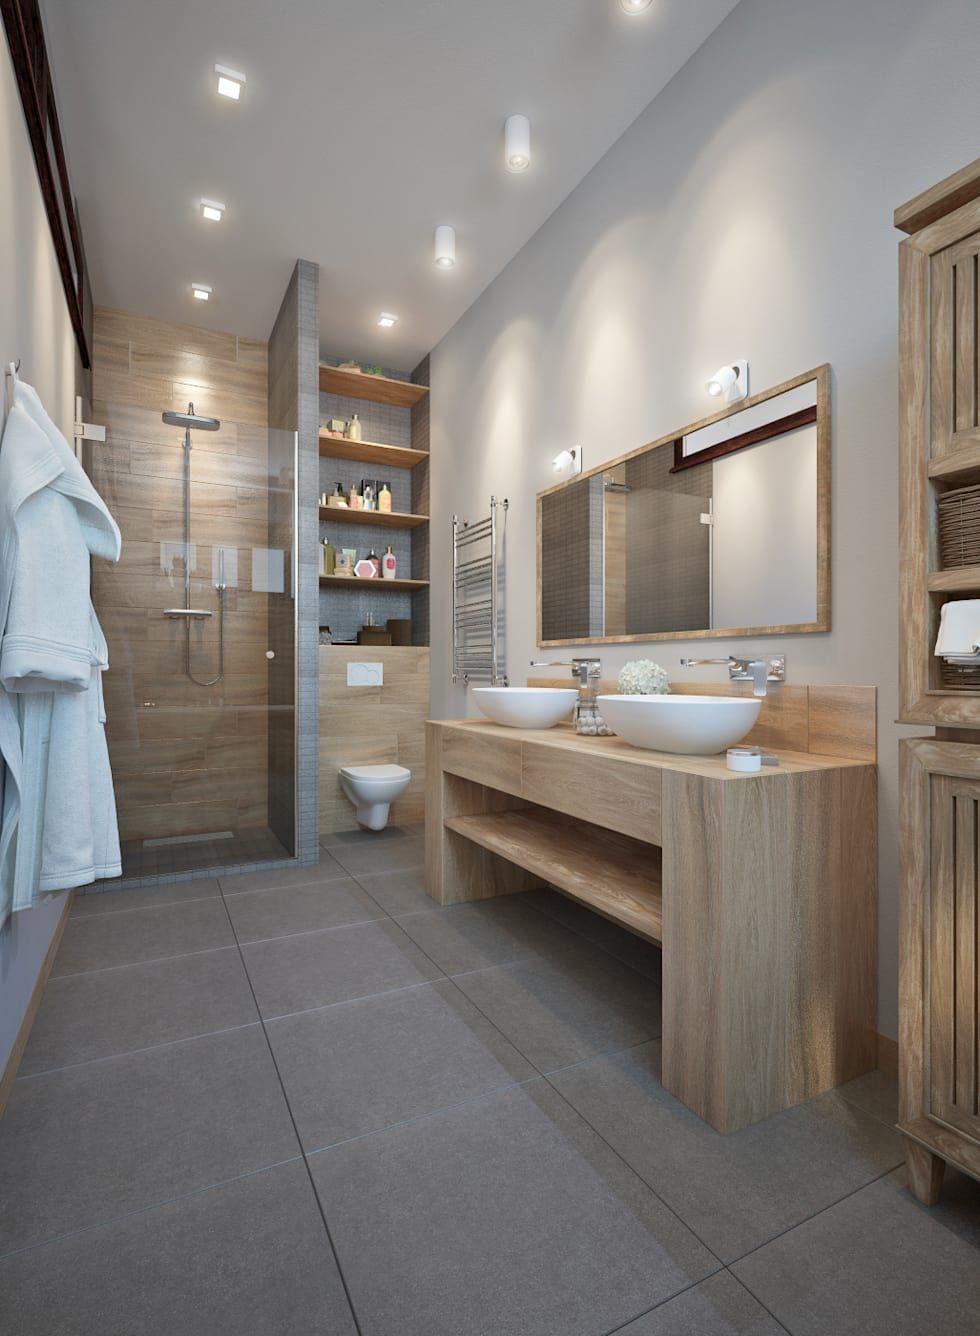 Badezimmer design rustikal holz ist eines der beliebtesten materialien wenn es darum geht